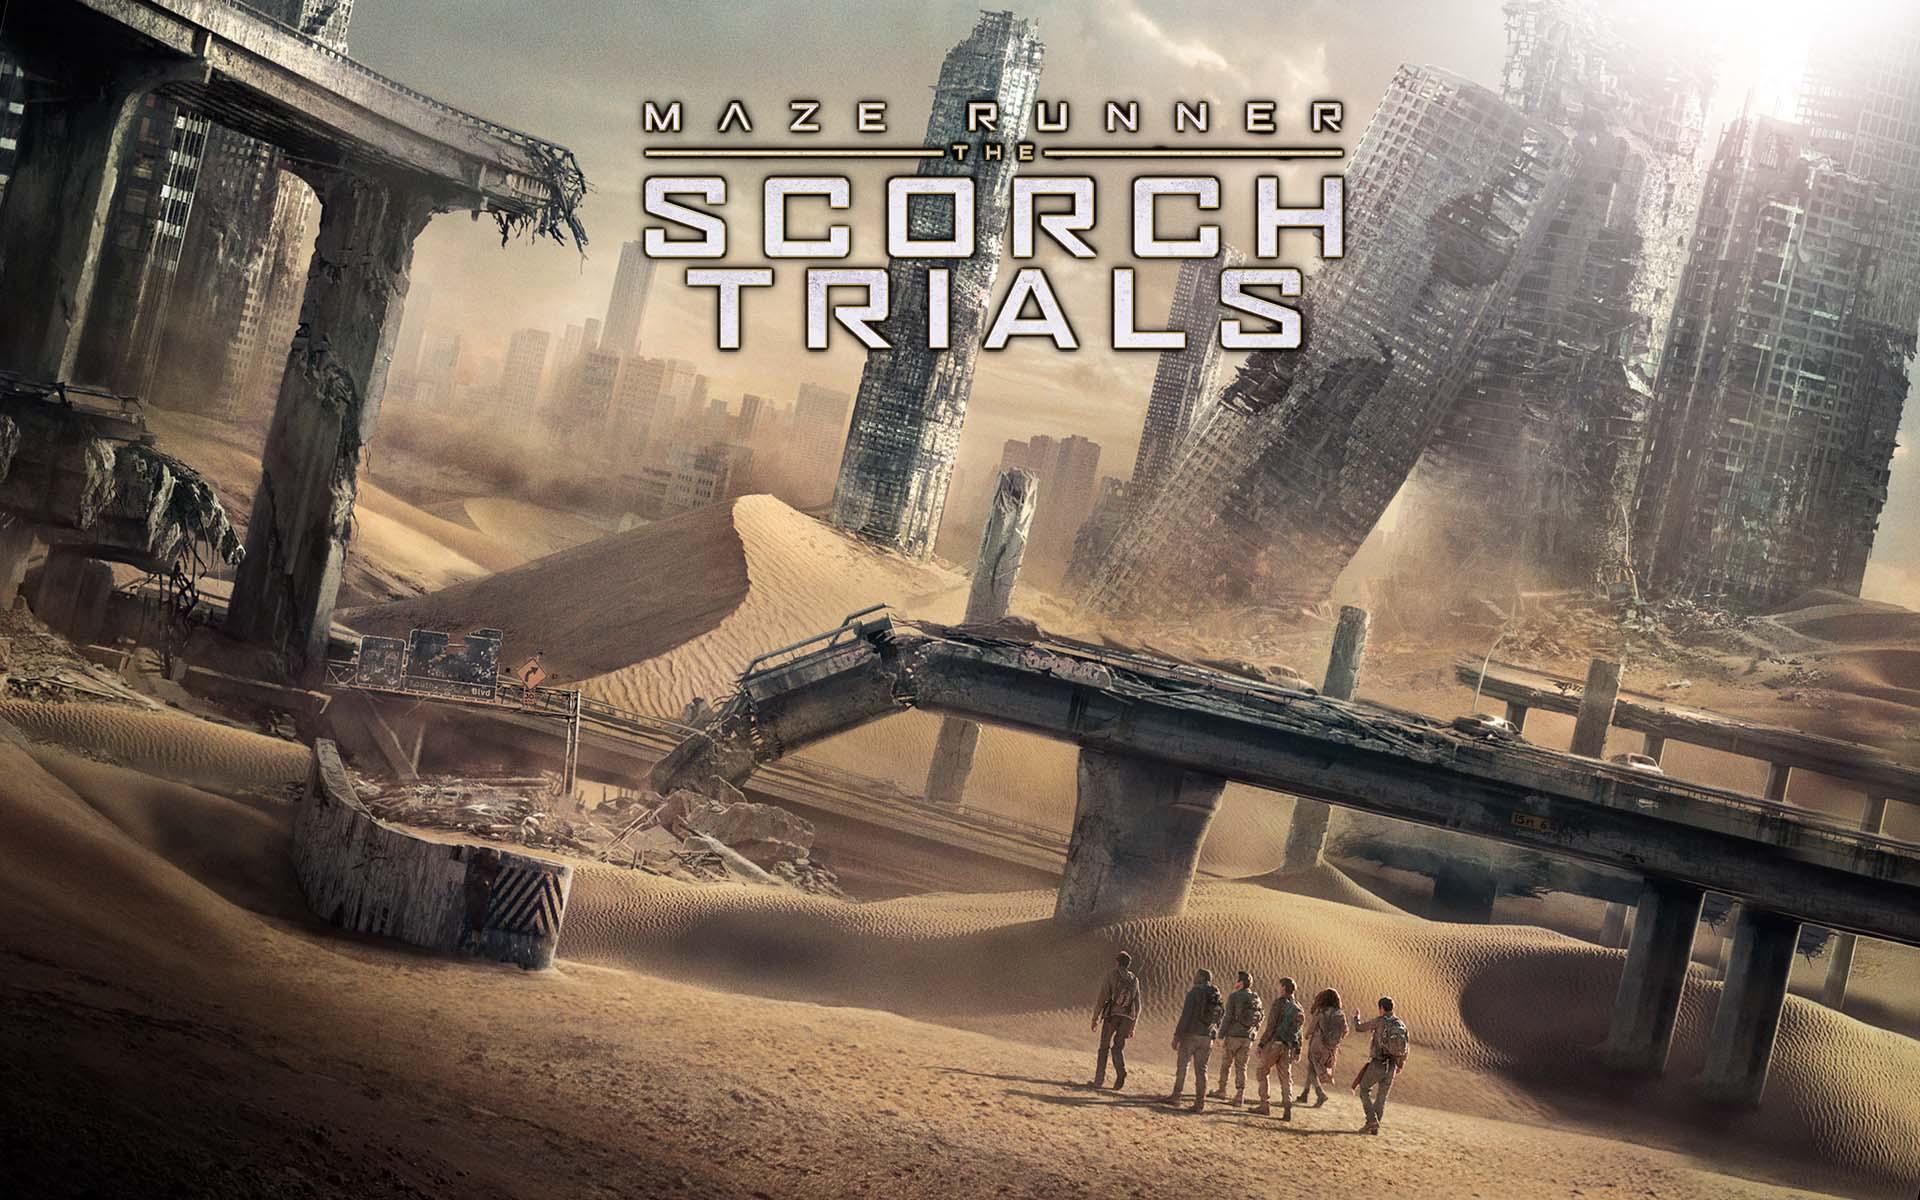 New Maze Runner Scorch Trials Trailer